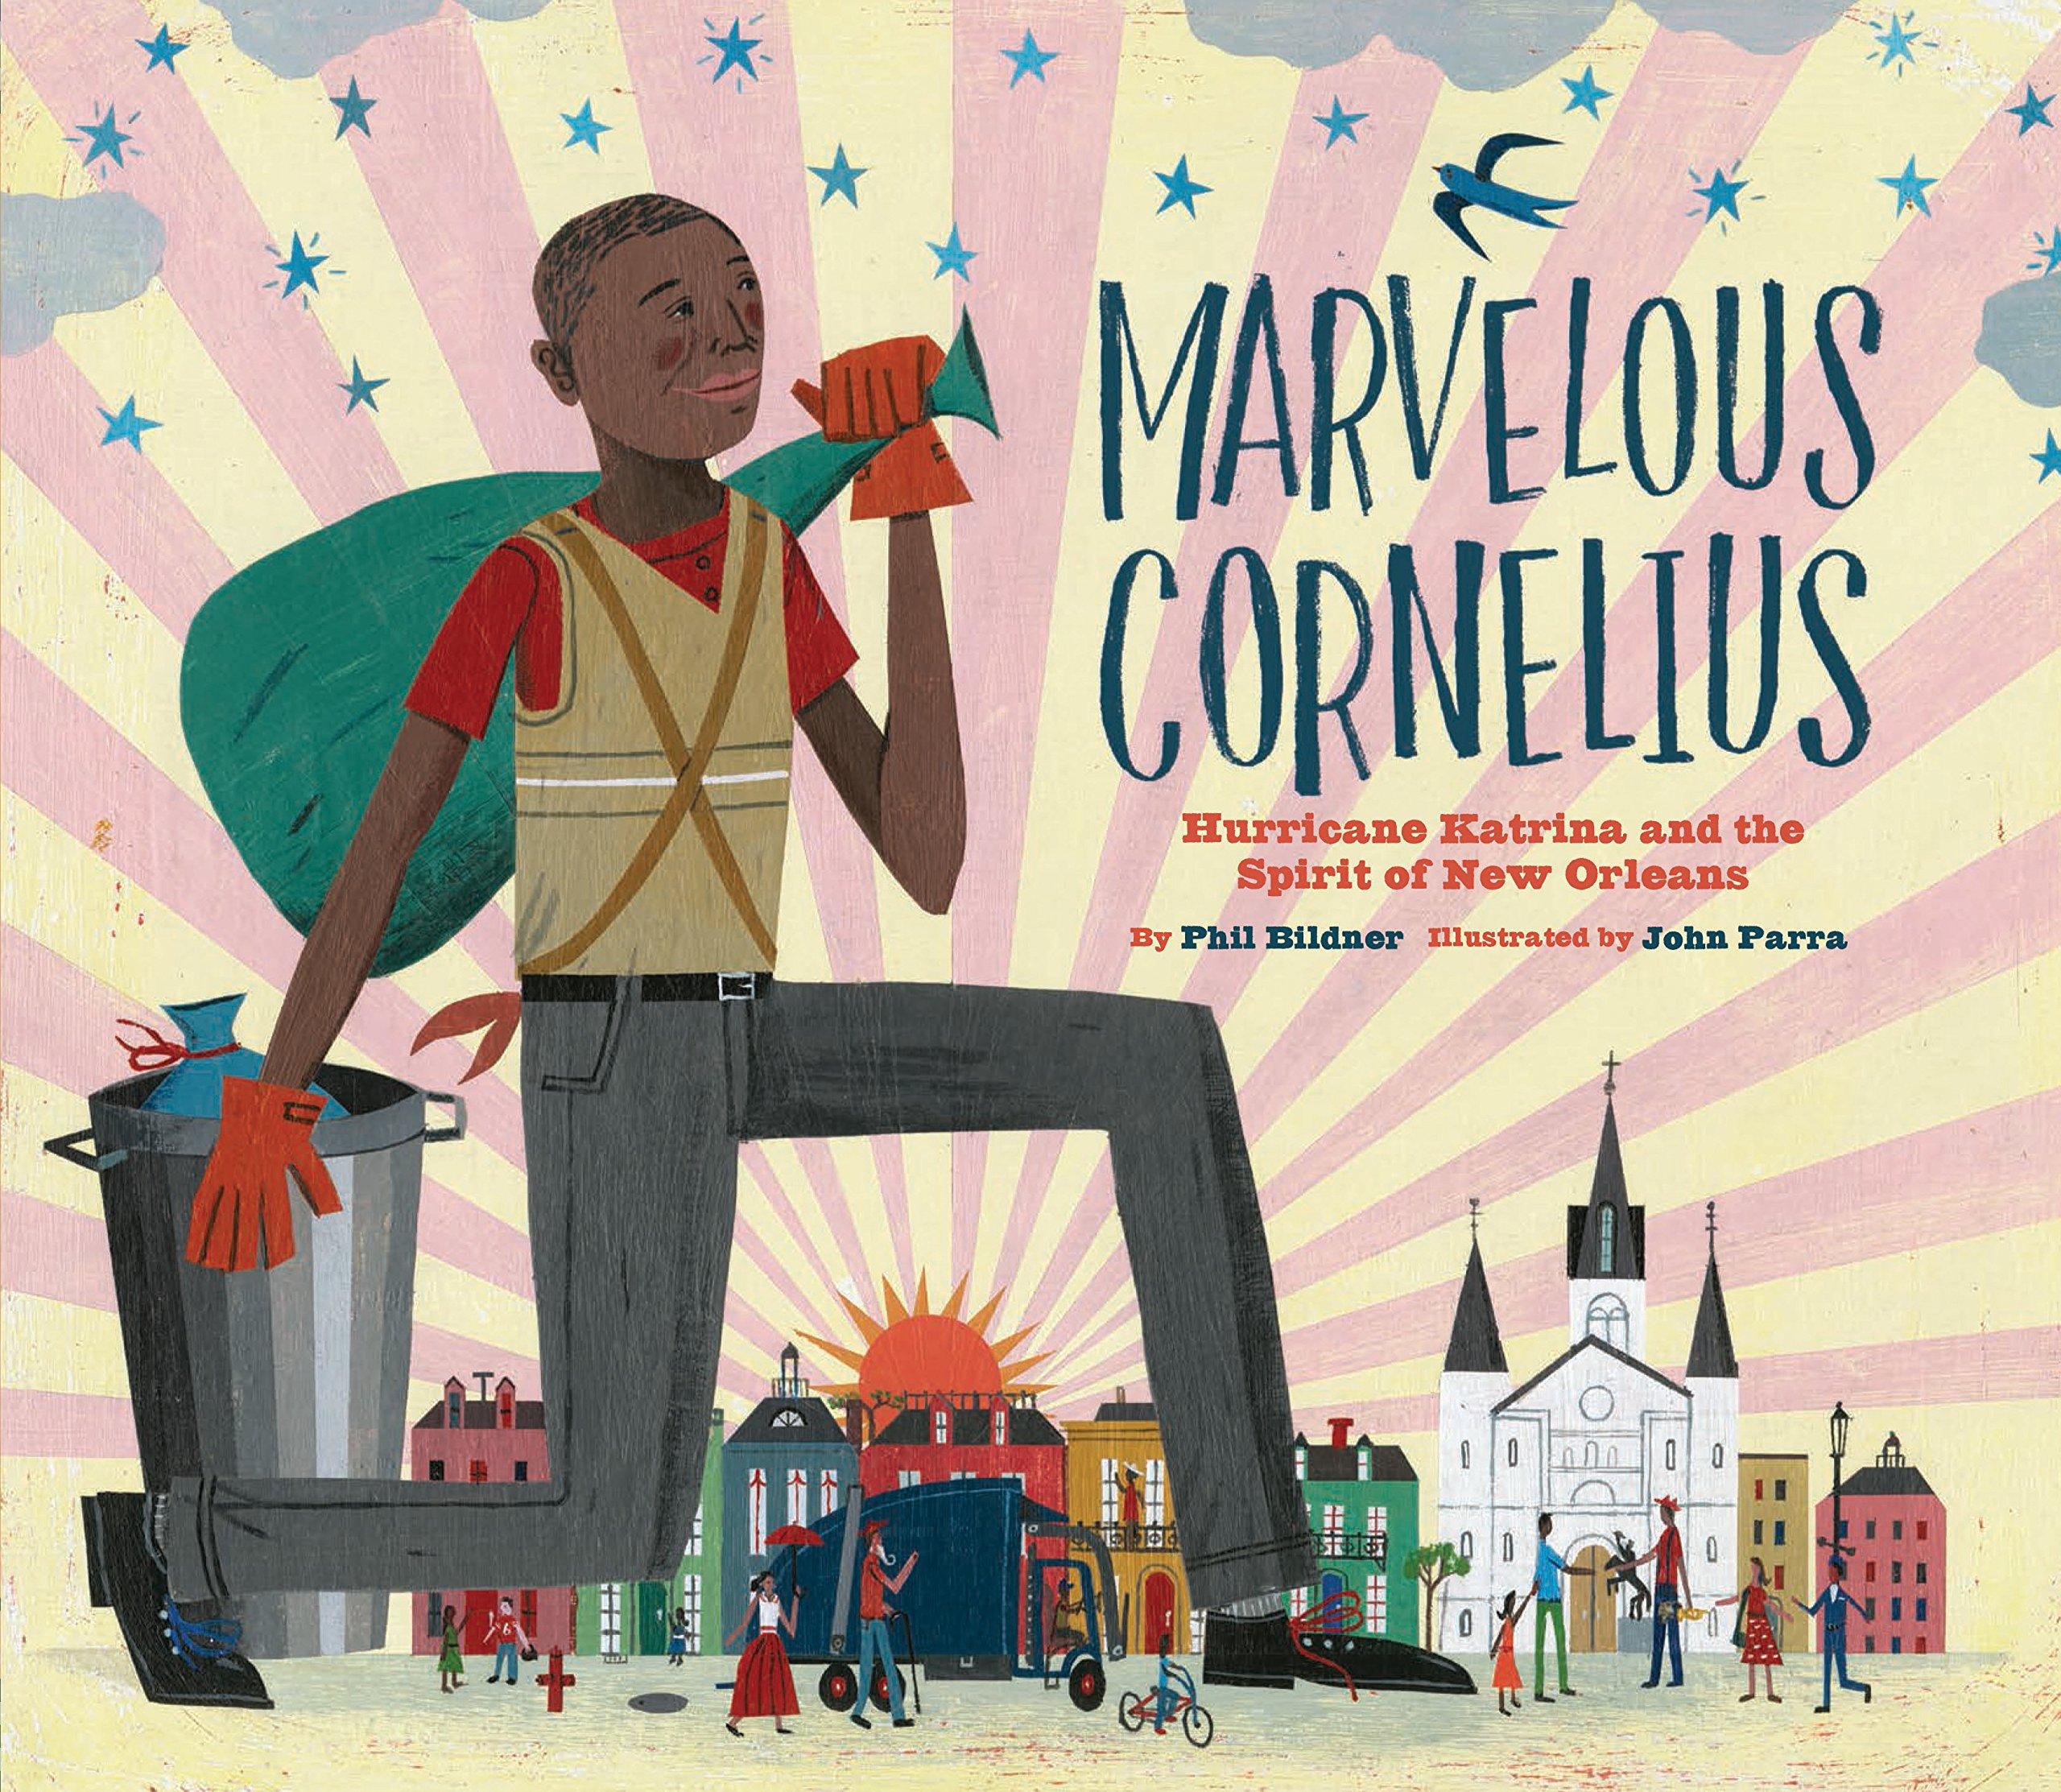 Marvelous Cornelius Hurricane Katrina and the Spirit of New